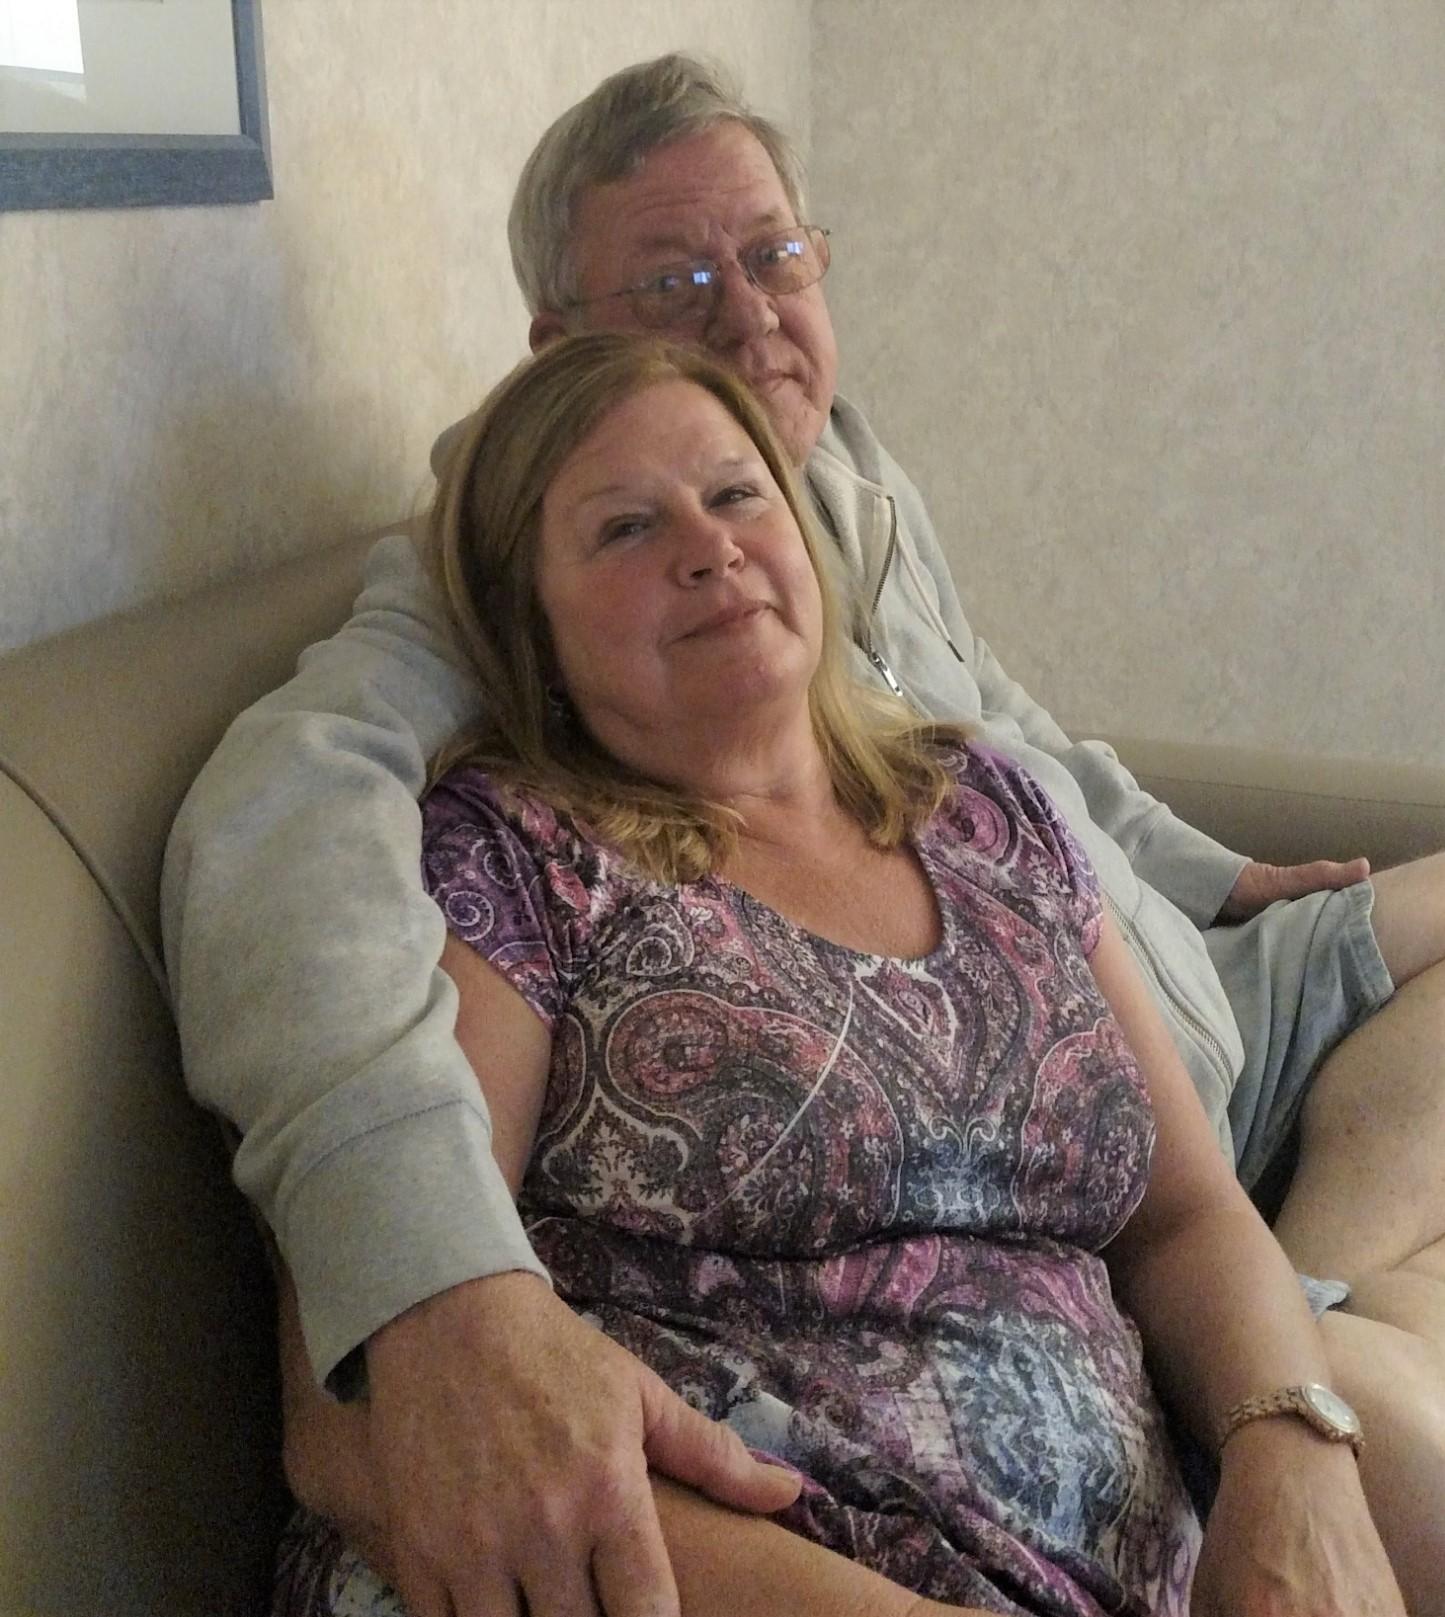 제리 헴스(앞)는 COVID-19가 유행하던 시기에 남편 더그(뒤)를 떠나보낸 이야기를 들려준다. 사진 제공: 제리 헴스.